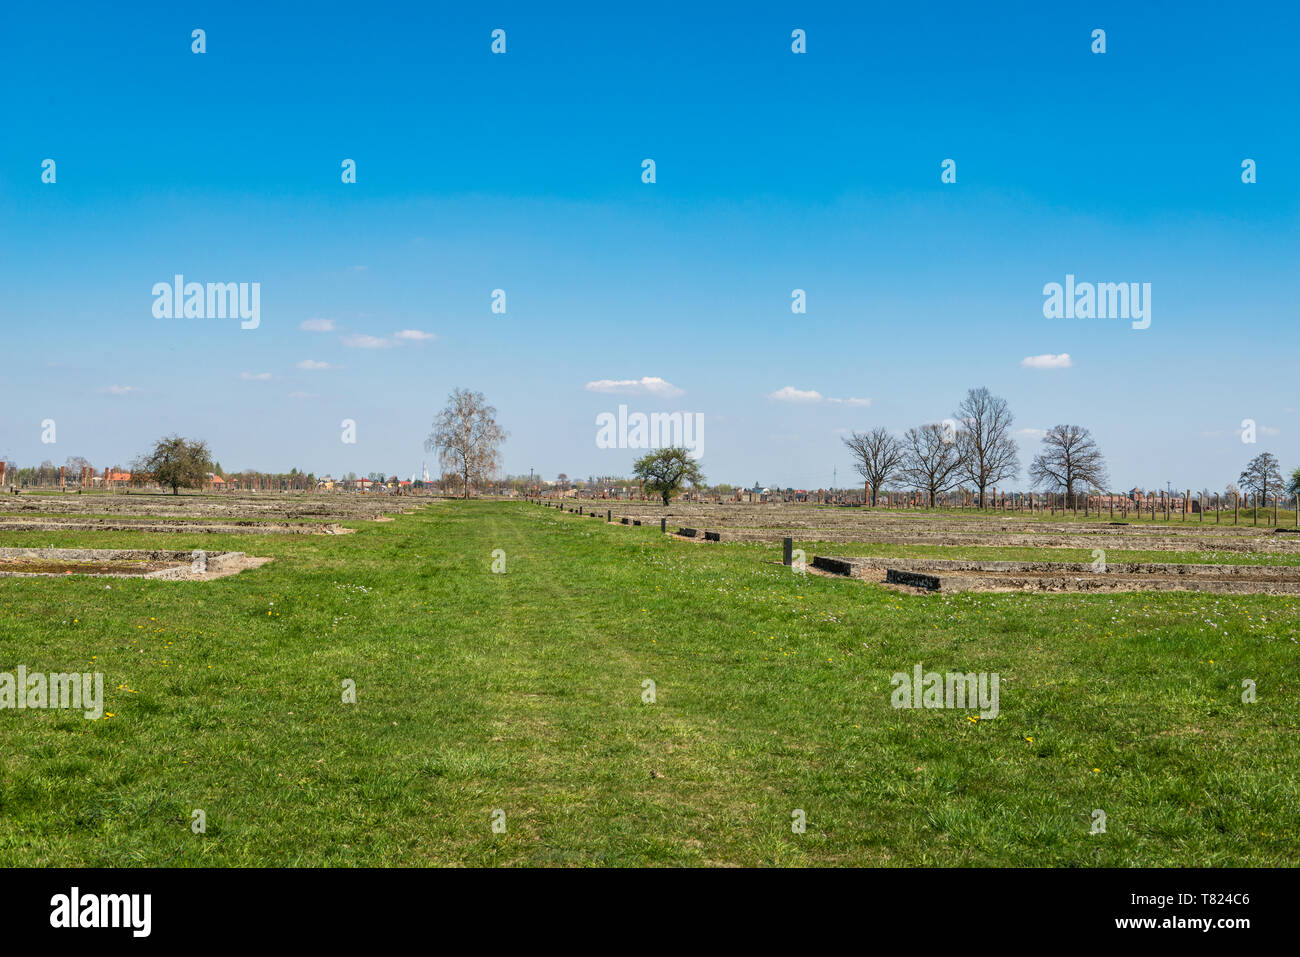 AUSCHWITZ (OSWIECIM), POLAND - APRIL 18, 2019: Ruins of stock camp 'Canada' in Auschwitz Birkenau extermination camp, Poland - Stock Image